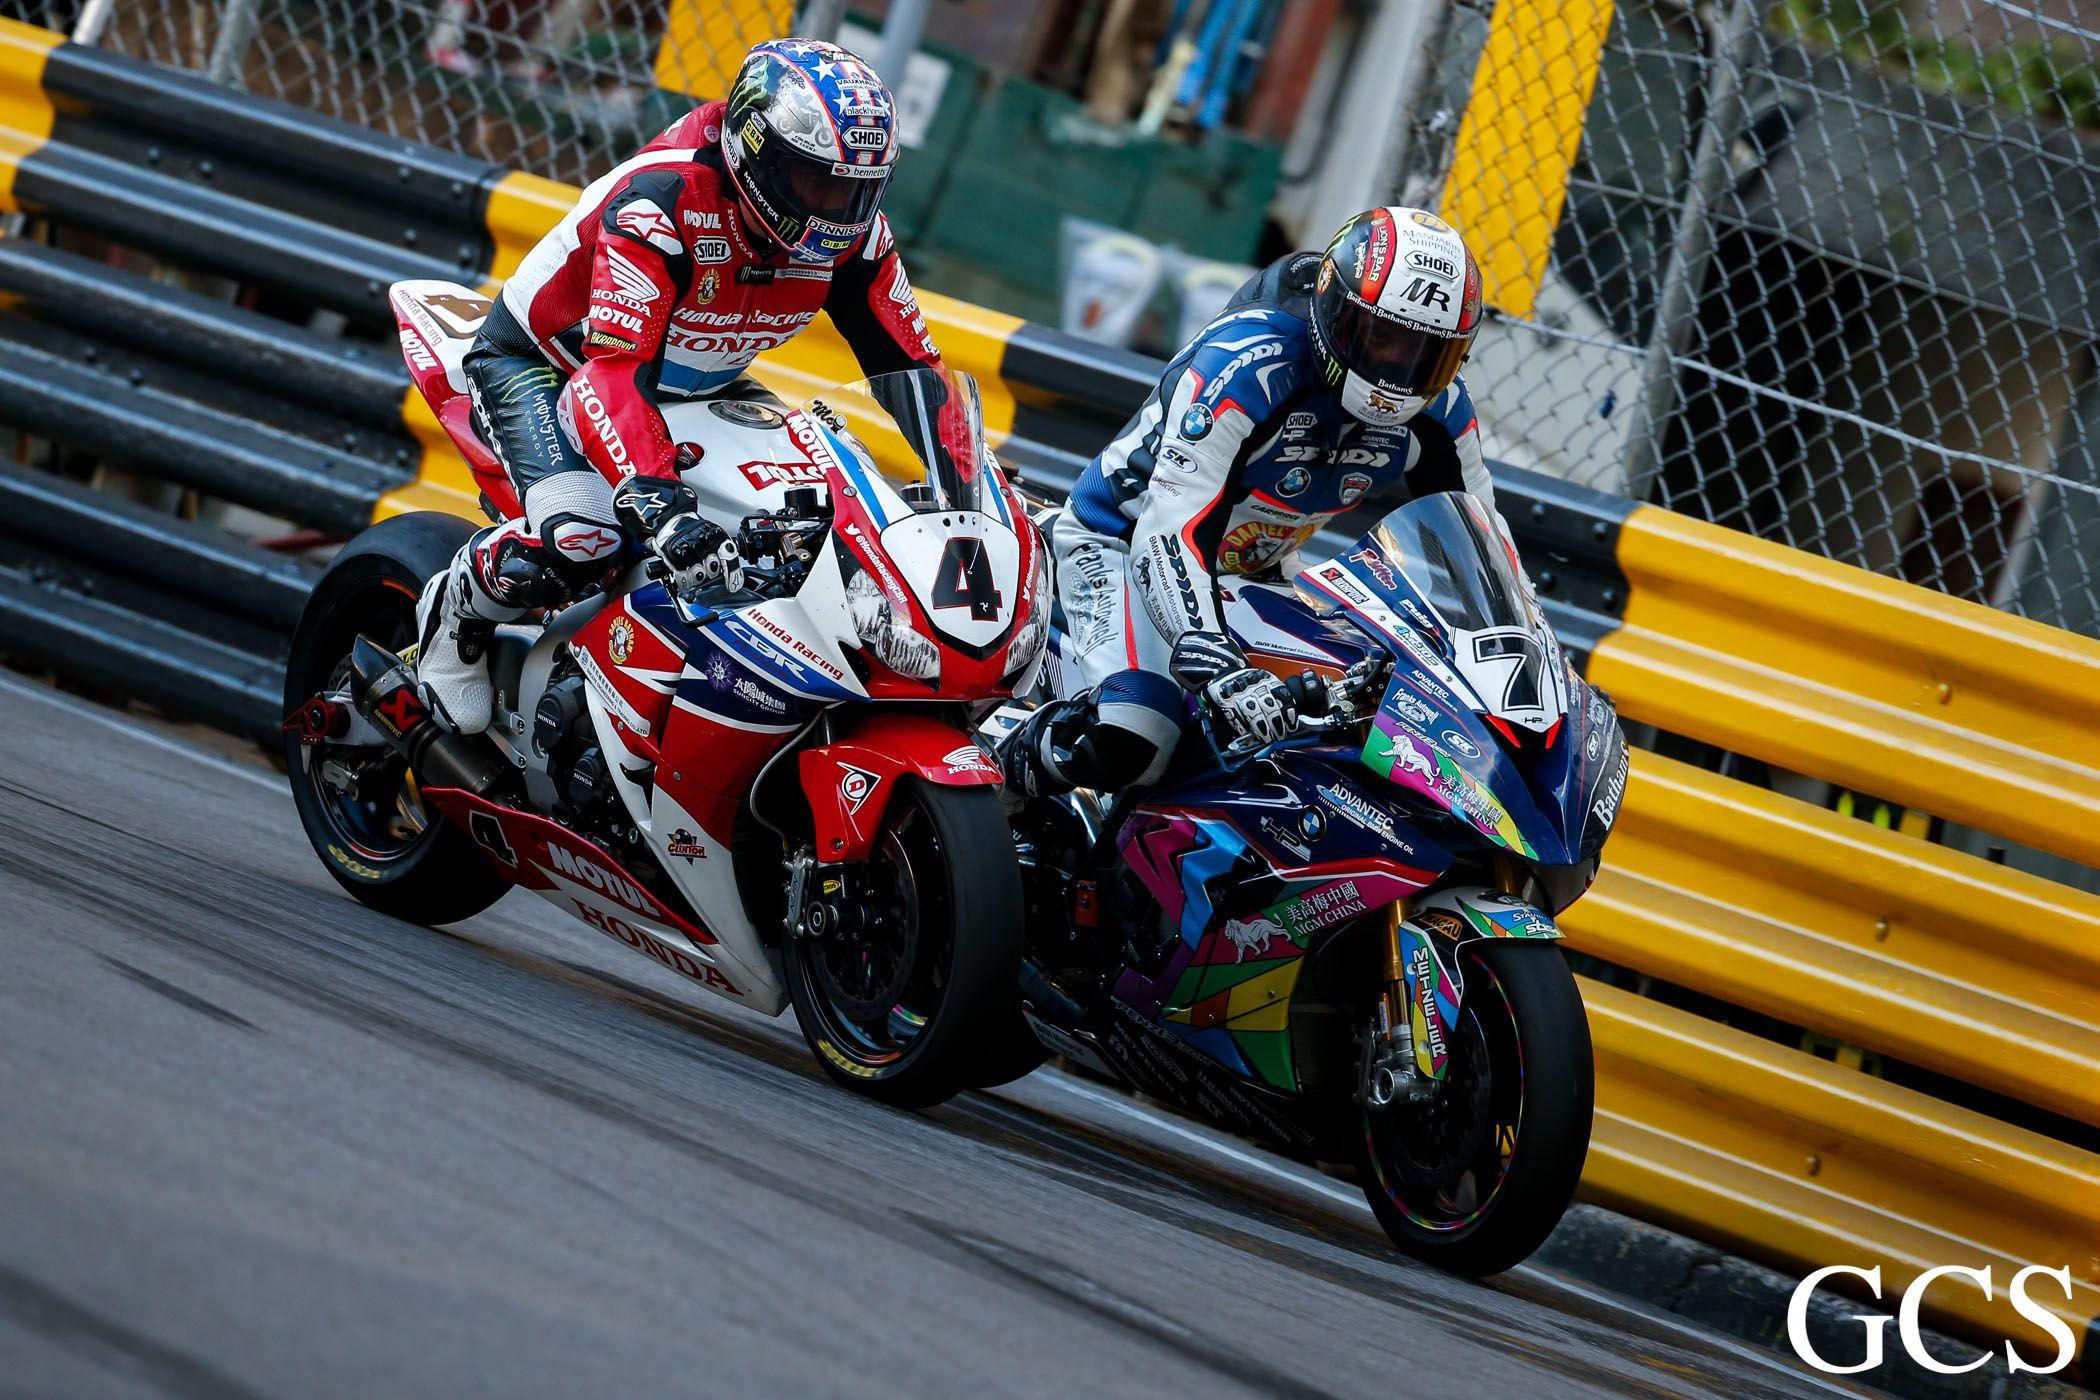 [Road racing] GP de Macau 2015  - Page 2 20151119.023H